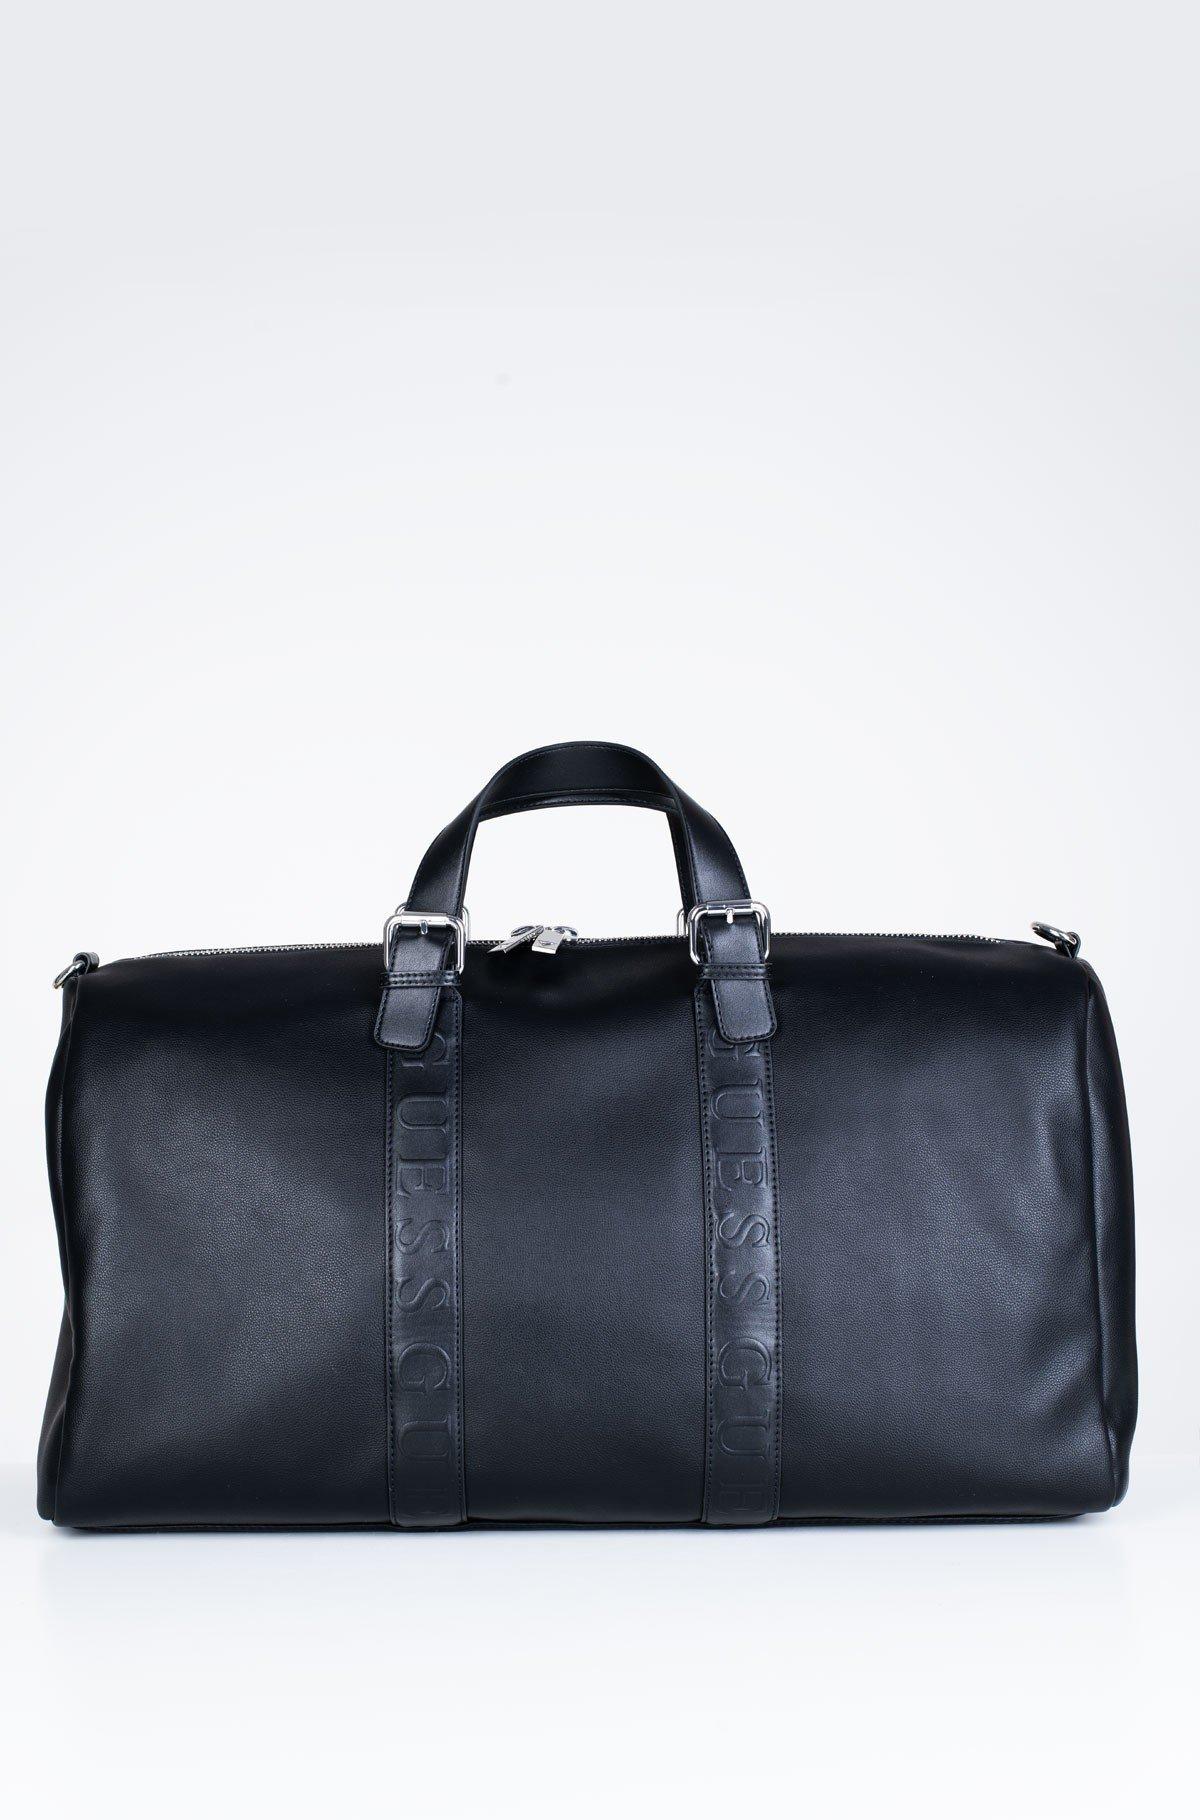 Kelionių krepšys TM6843 PL201-full-1